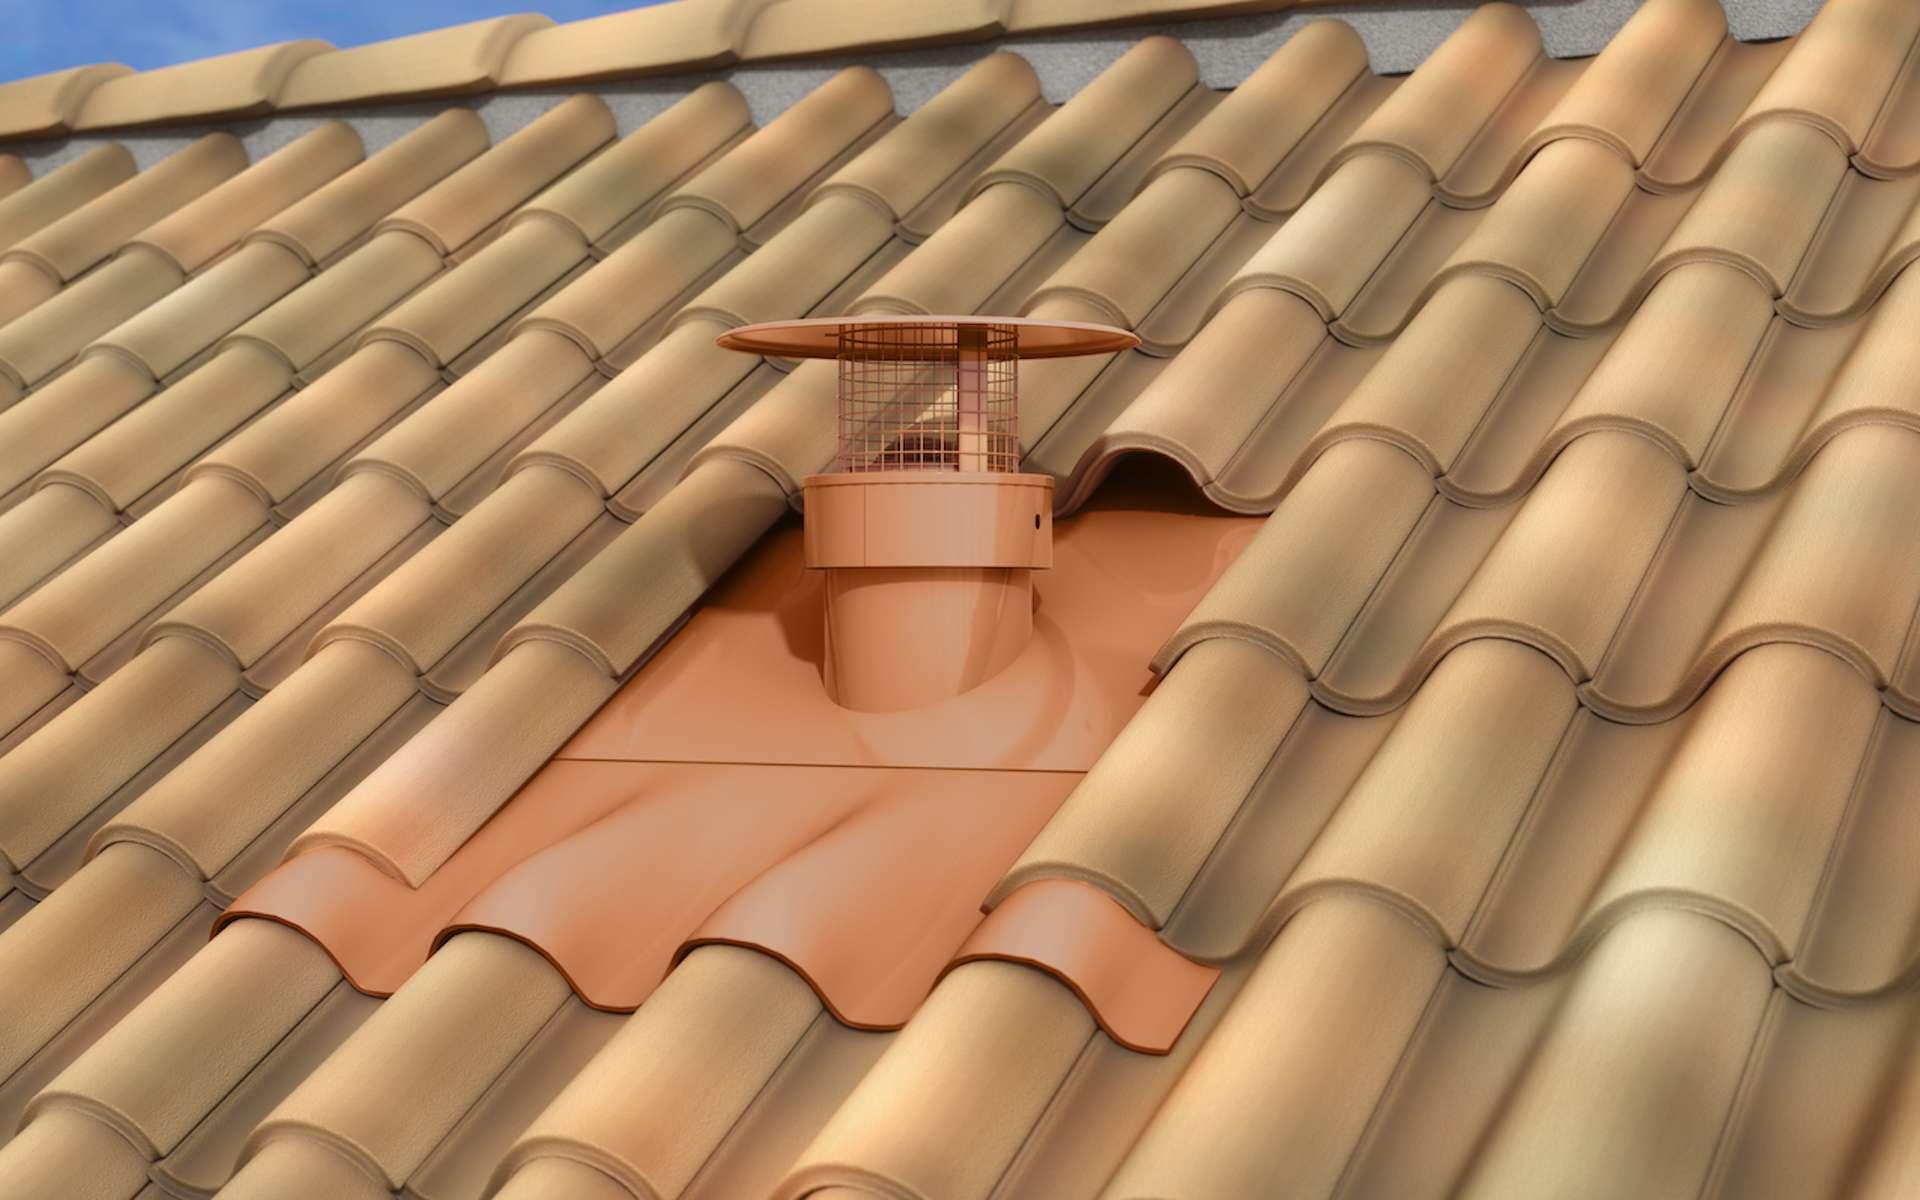 Sortie de toit « Ventila Sanit'Air » adaptable en neuf ou en rénovation © Poujoulat